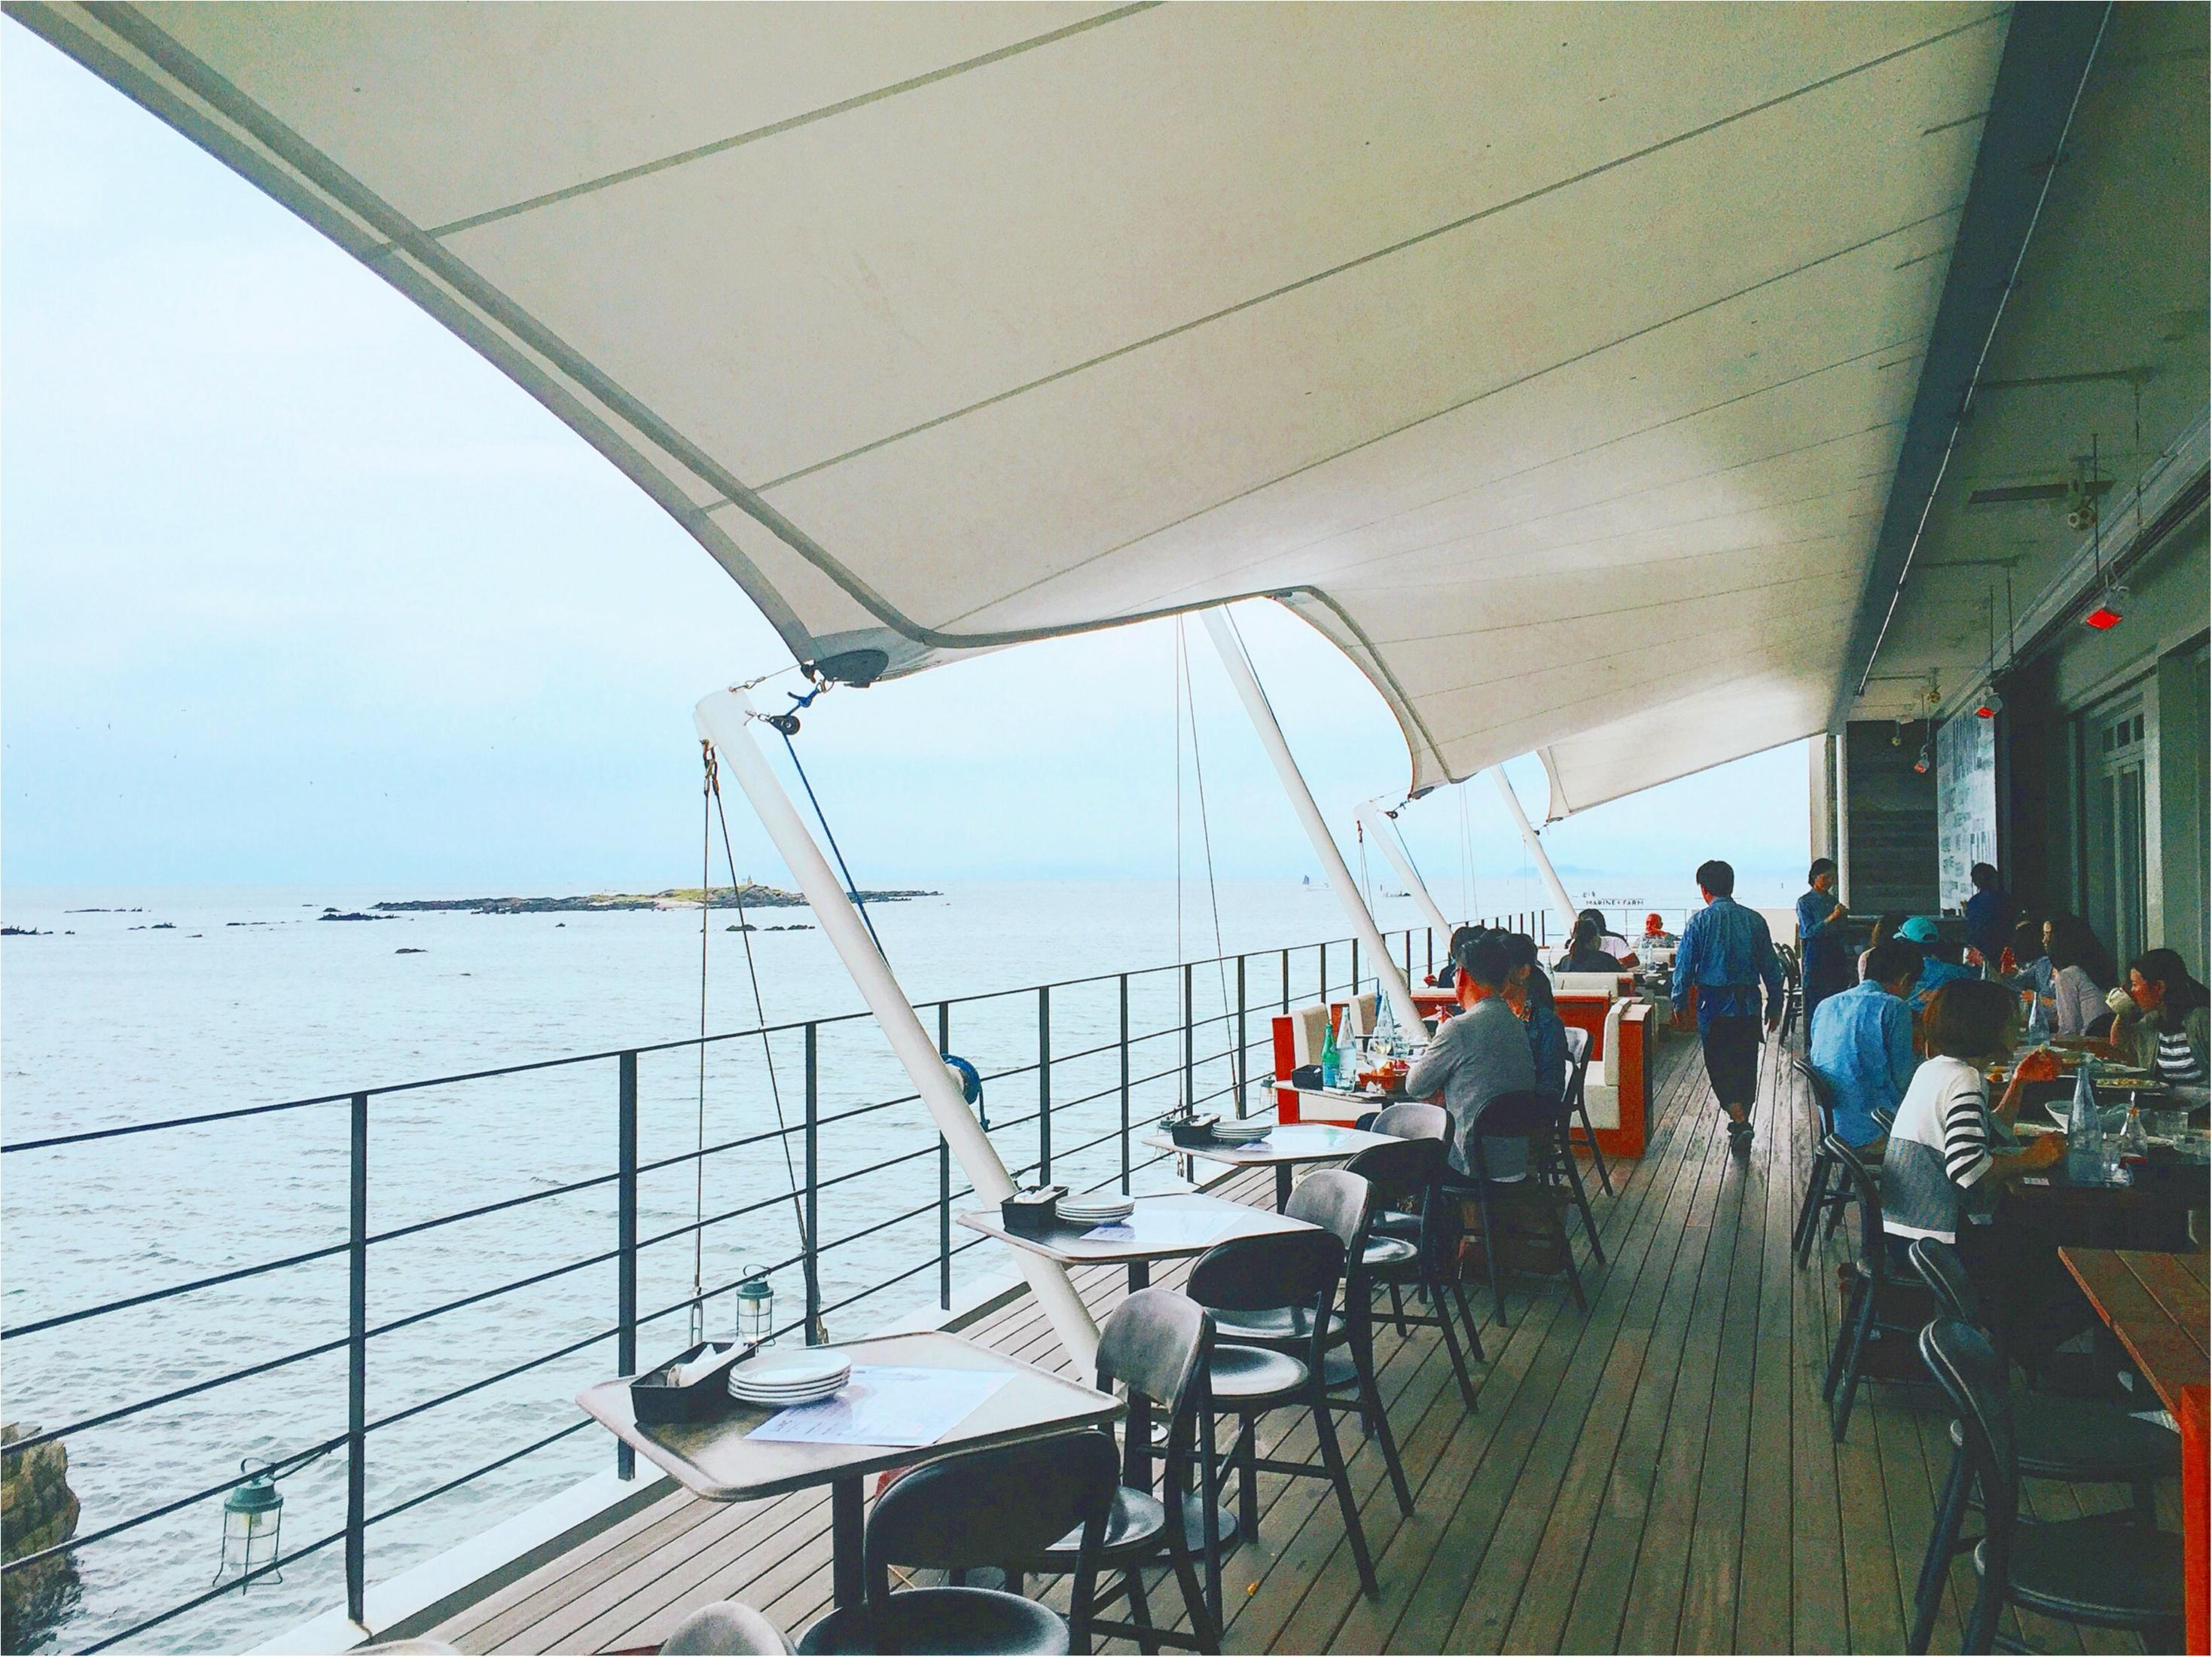 まるで海上レストラン!?海が目の前に広がるテラス席♡三浦半島の【MARINE & FARM(マリンアンドファーム)】が大人気なワケ♡_4